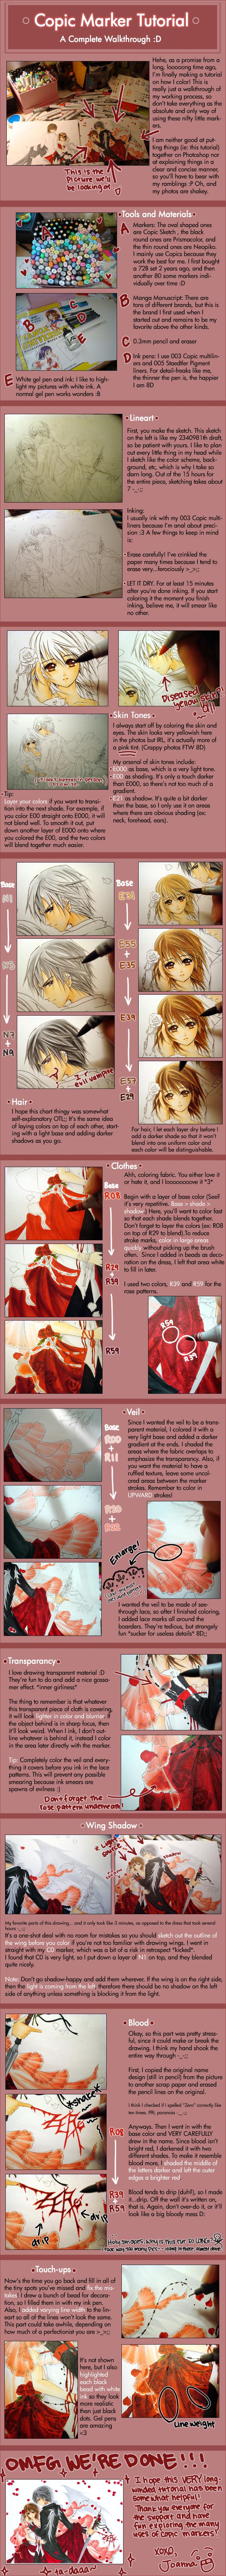 Copic Marker Tutorial I By Cartoongirl7 On Deviantart